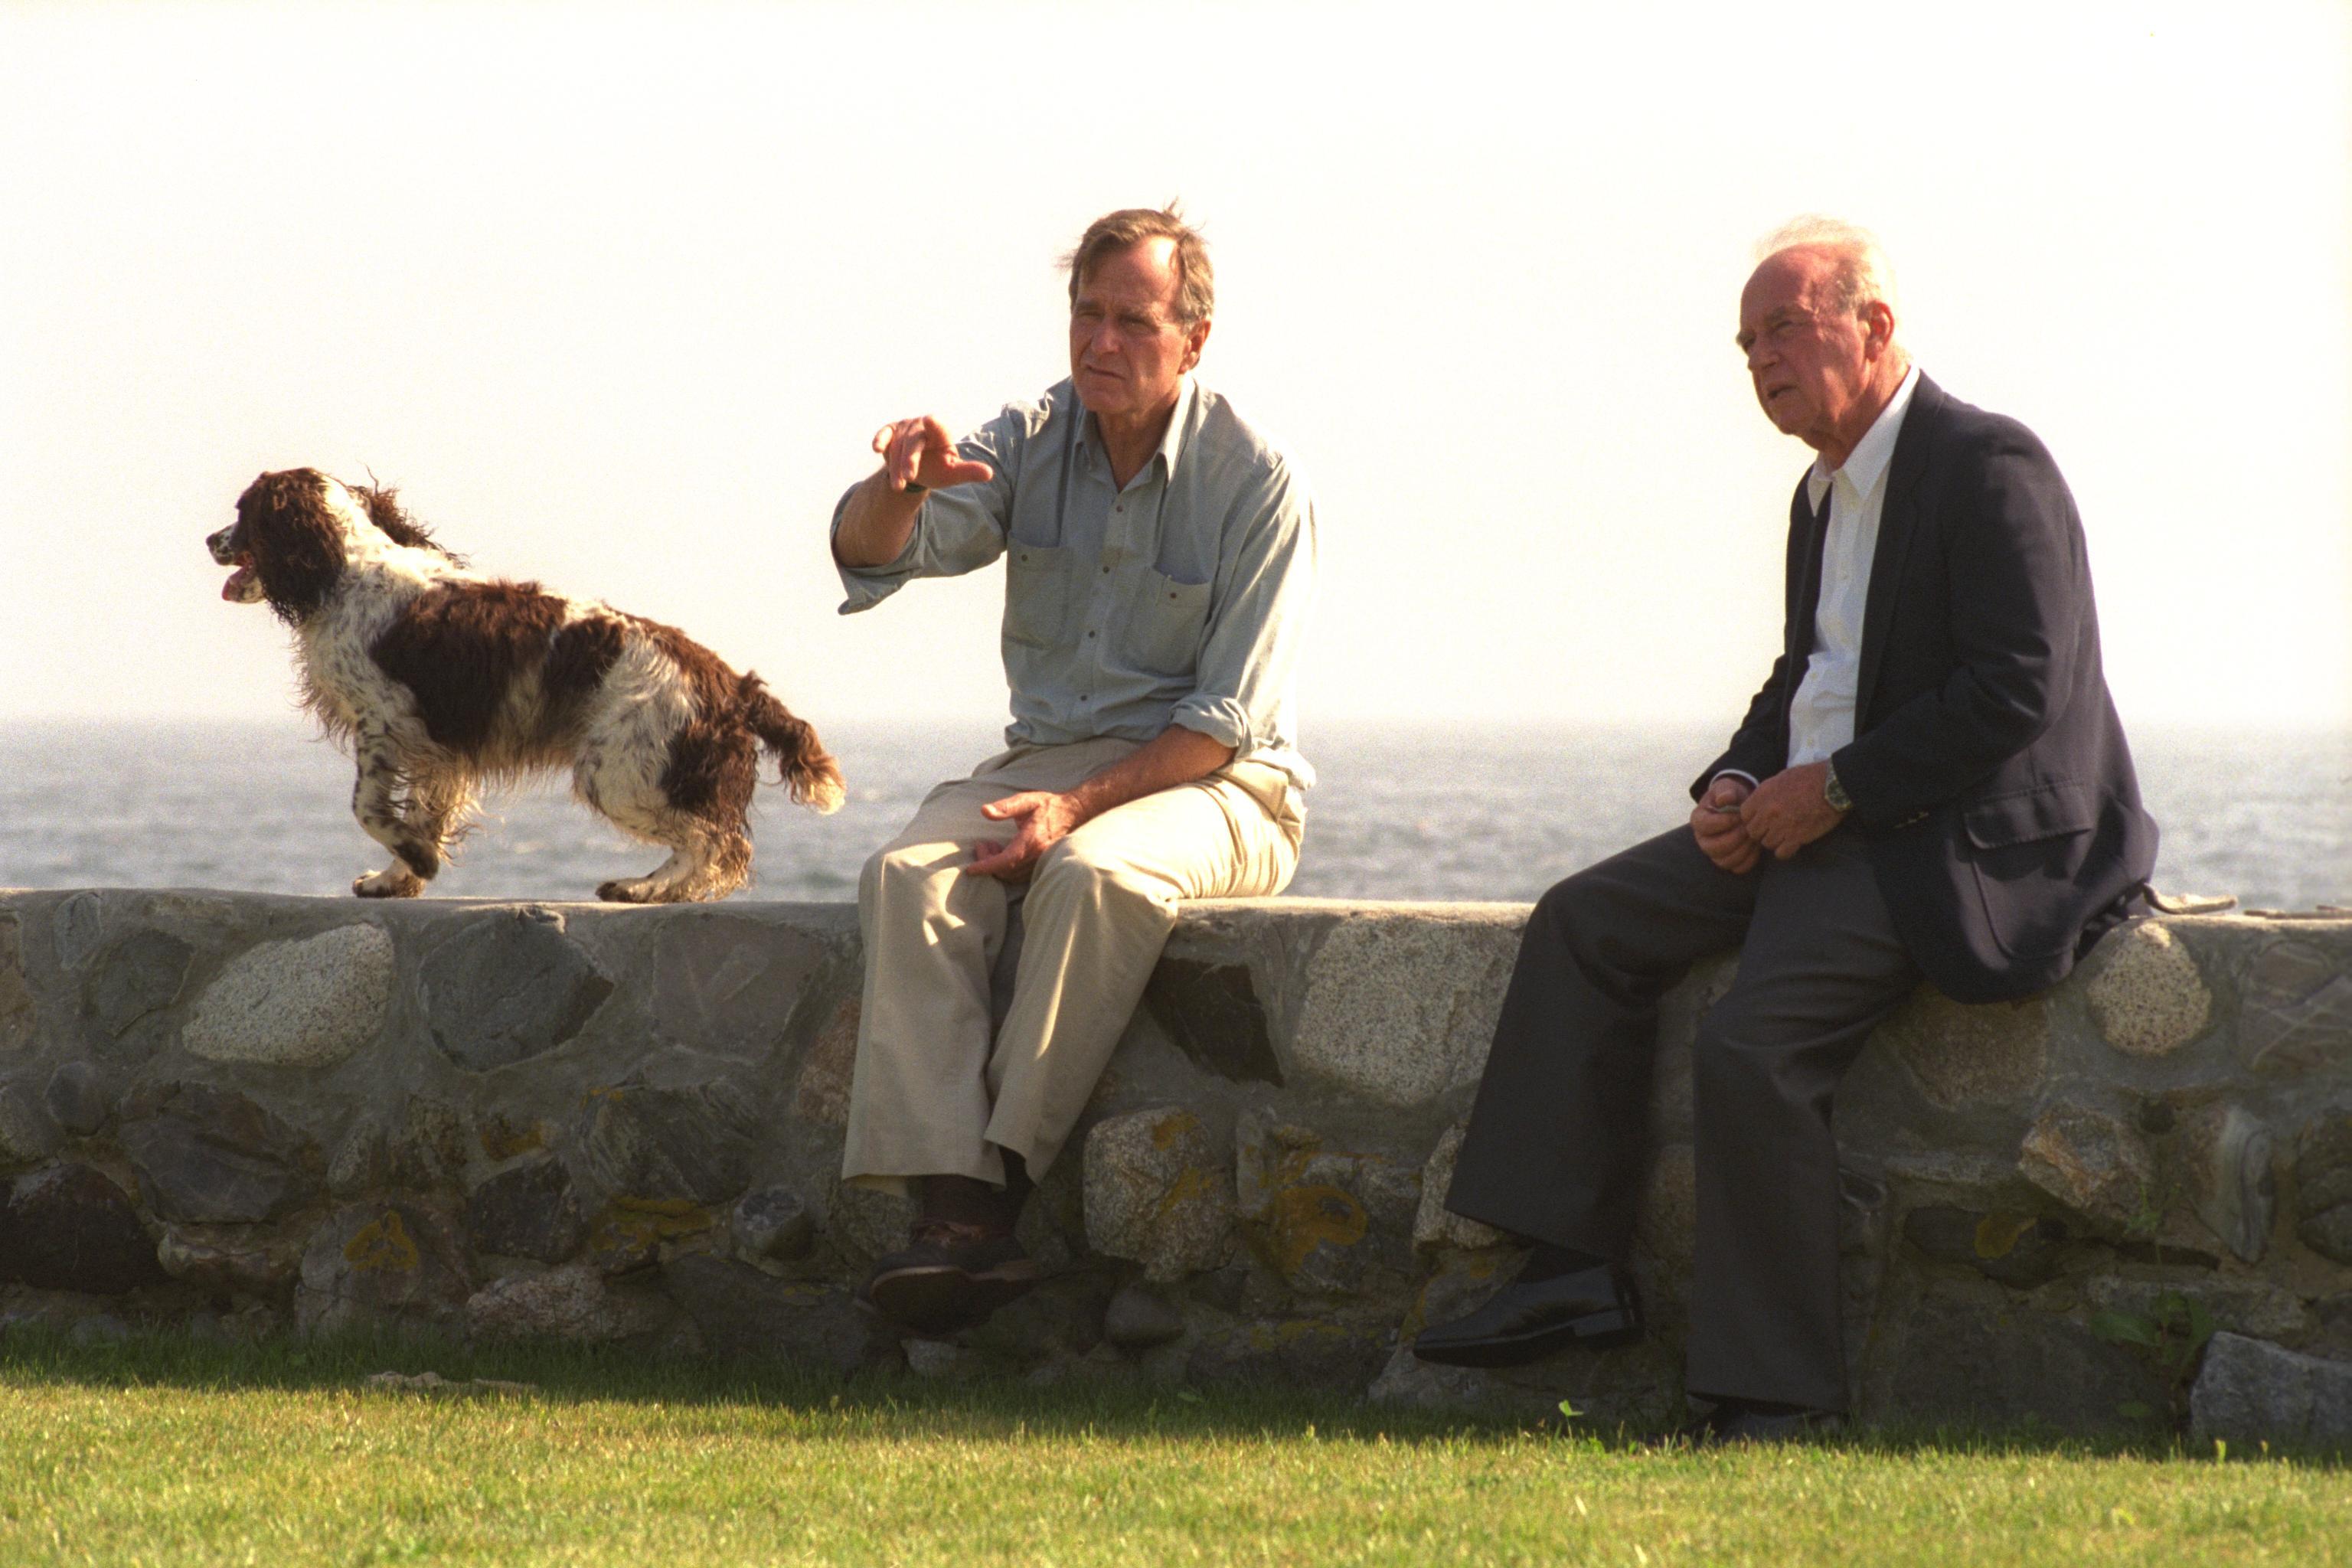 """TALKS BETWEEN P.M. YITZHAK RABIN AND U.S. PRES. GEORGE BUSH, SITTING ON A WALL, TO THE LEFT THE PRES.'S DOG, MILLIE. áé÷åø øàù äîîùìä éöç÷ øáéï áàøä""""á. áöéìåí, ùéçä áéï øä""""î éöç÷ øáéï ìðùéà àøä""""á â'åøâ' áåù, ëùäí éùåáéí òì âãø àáï ìùôú äàå÷éàðåñ, áçååúå äôøèéú ùì äðùéà á÷ðéáð÷ôåøè, áîãéðú """"îééï"""", àøä""""á."""